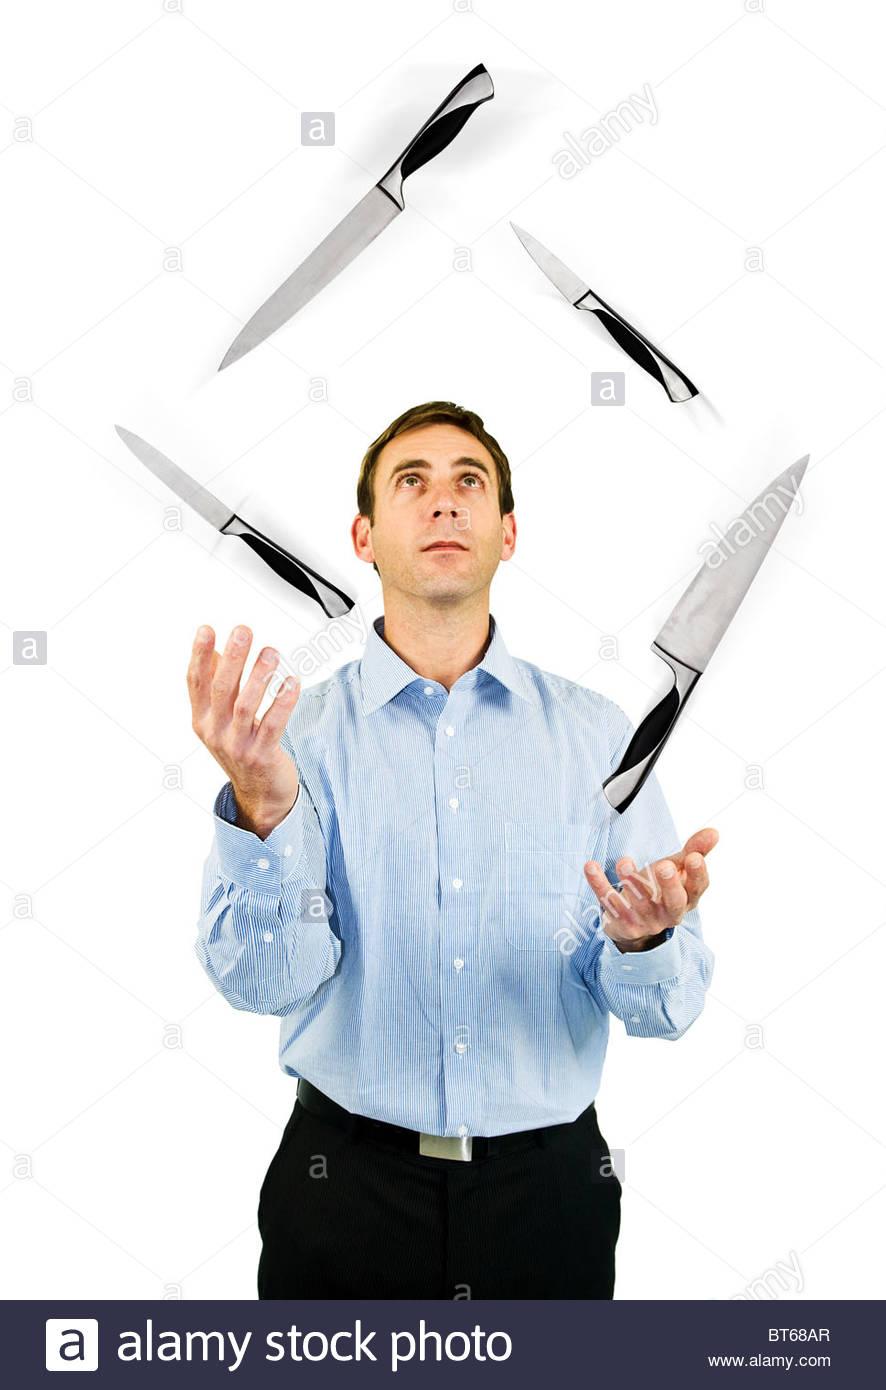 Couteaux de jonglage Photo Stock